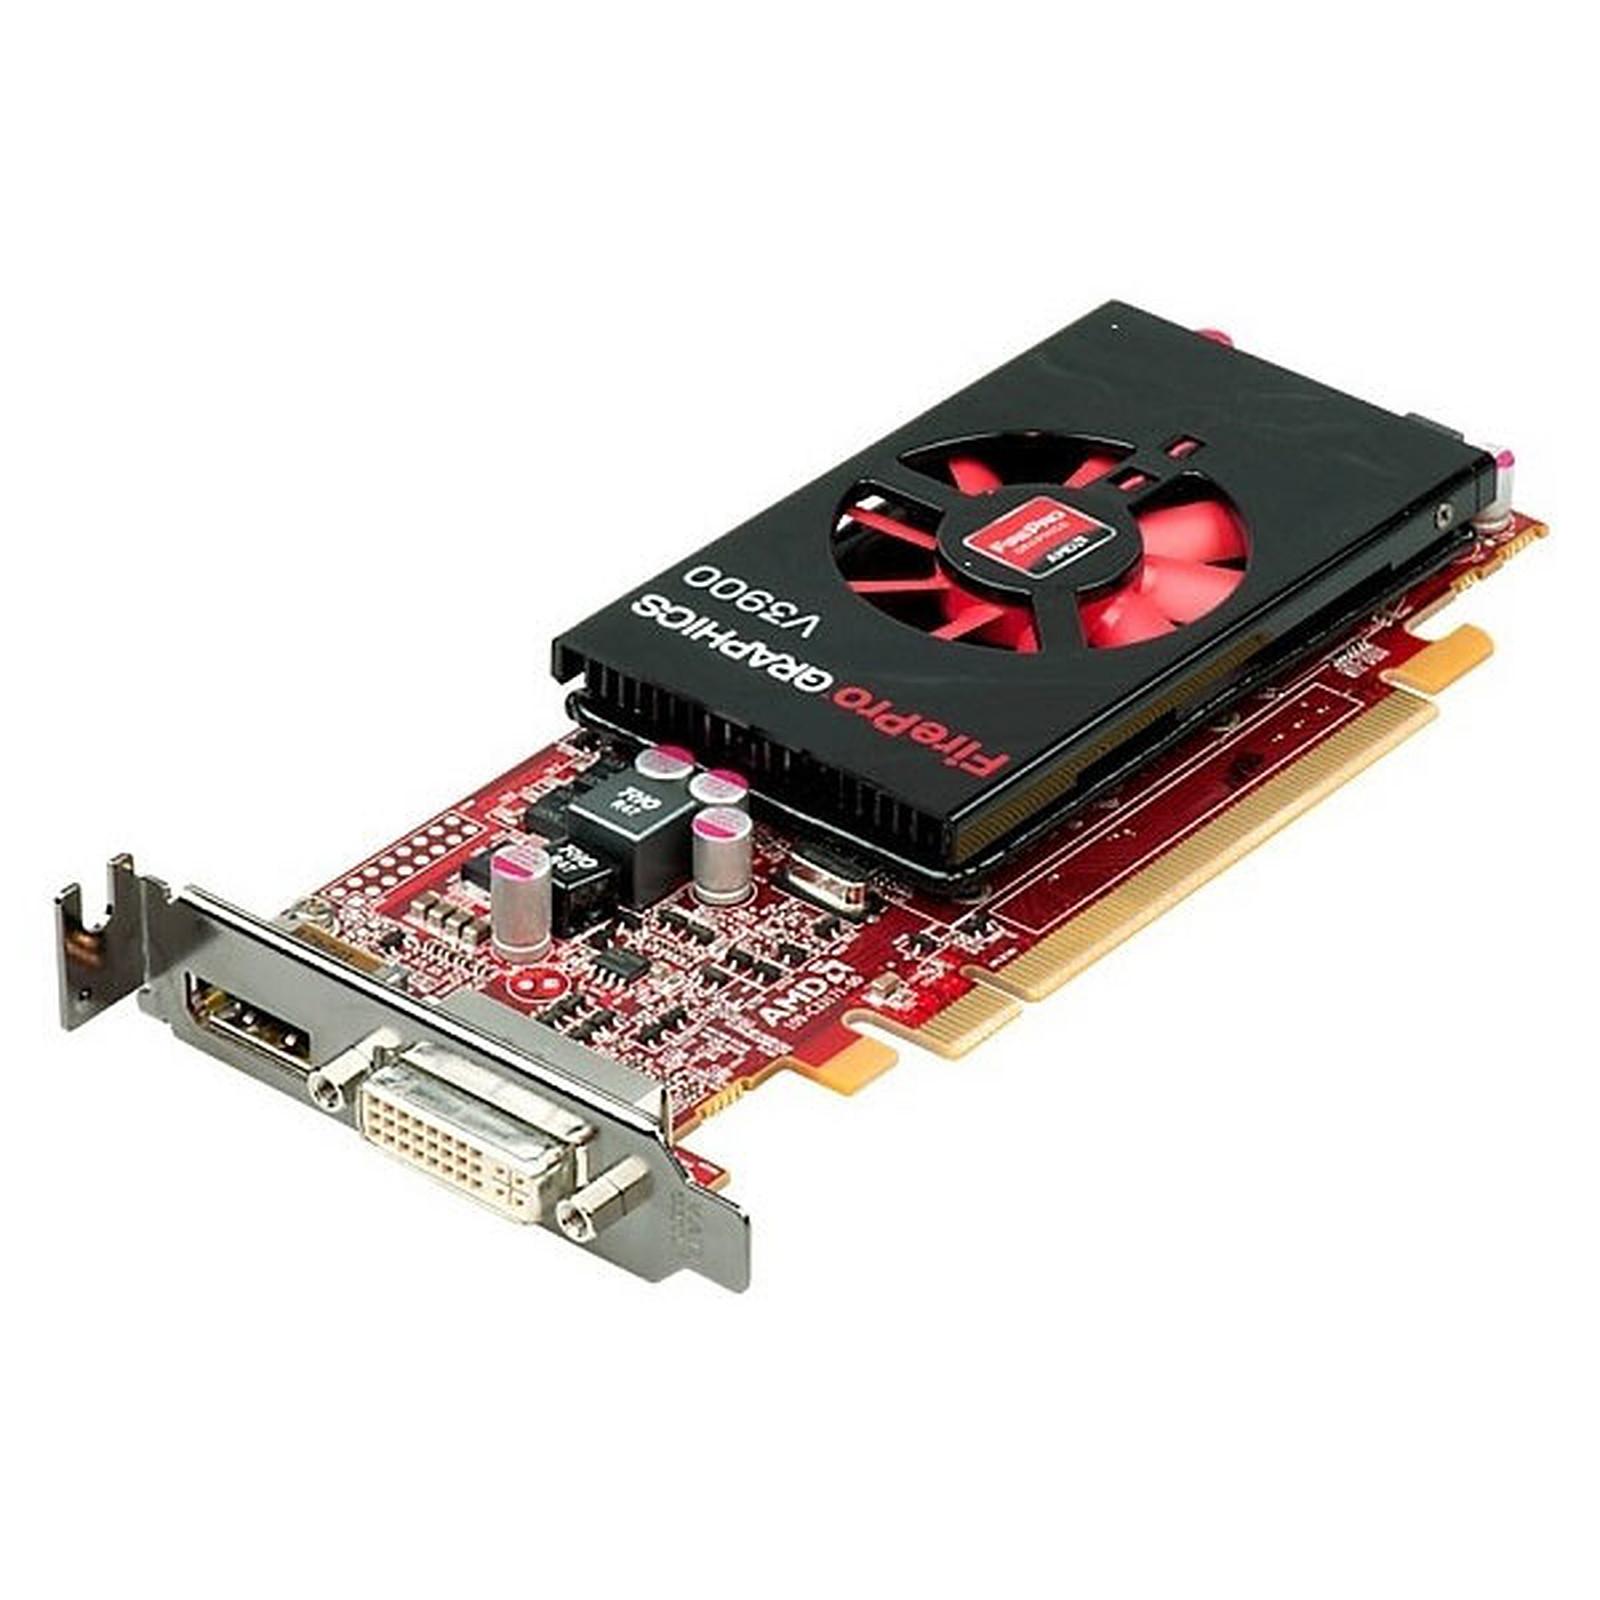 """Résultat de recherche d'images pour """"AMD FIRE PRO V3900"""""""